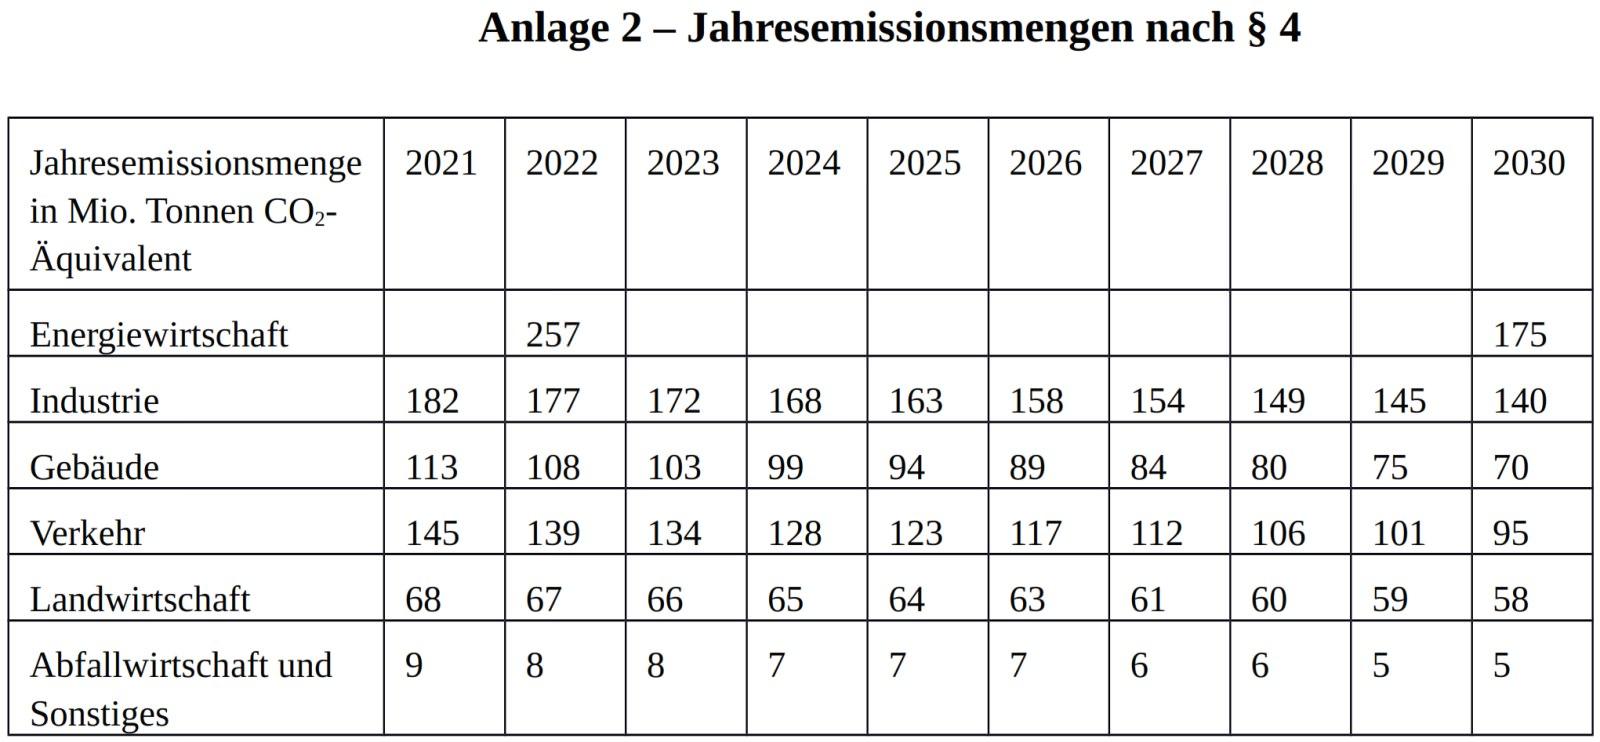 Emissionsmengen der einzelnen Sektoren bis 2030 Klimaschutzgesetz